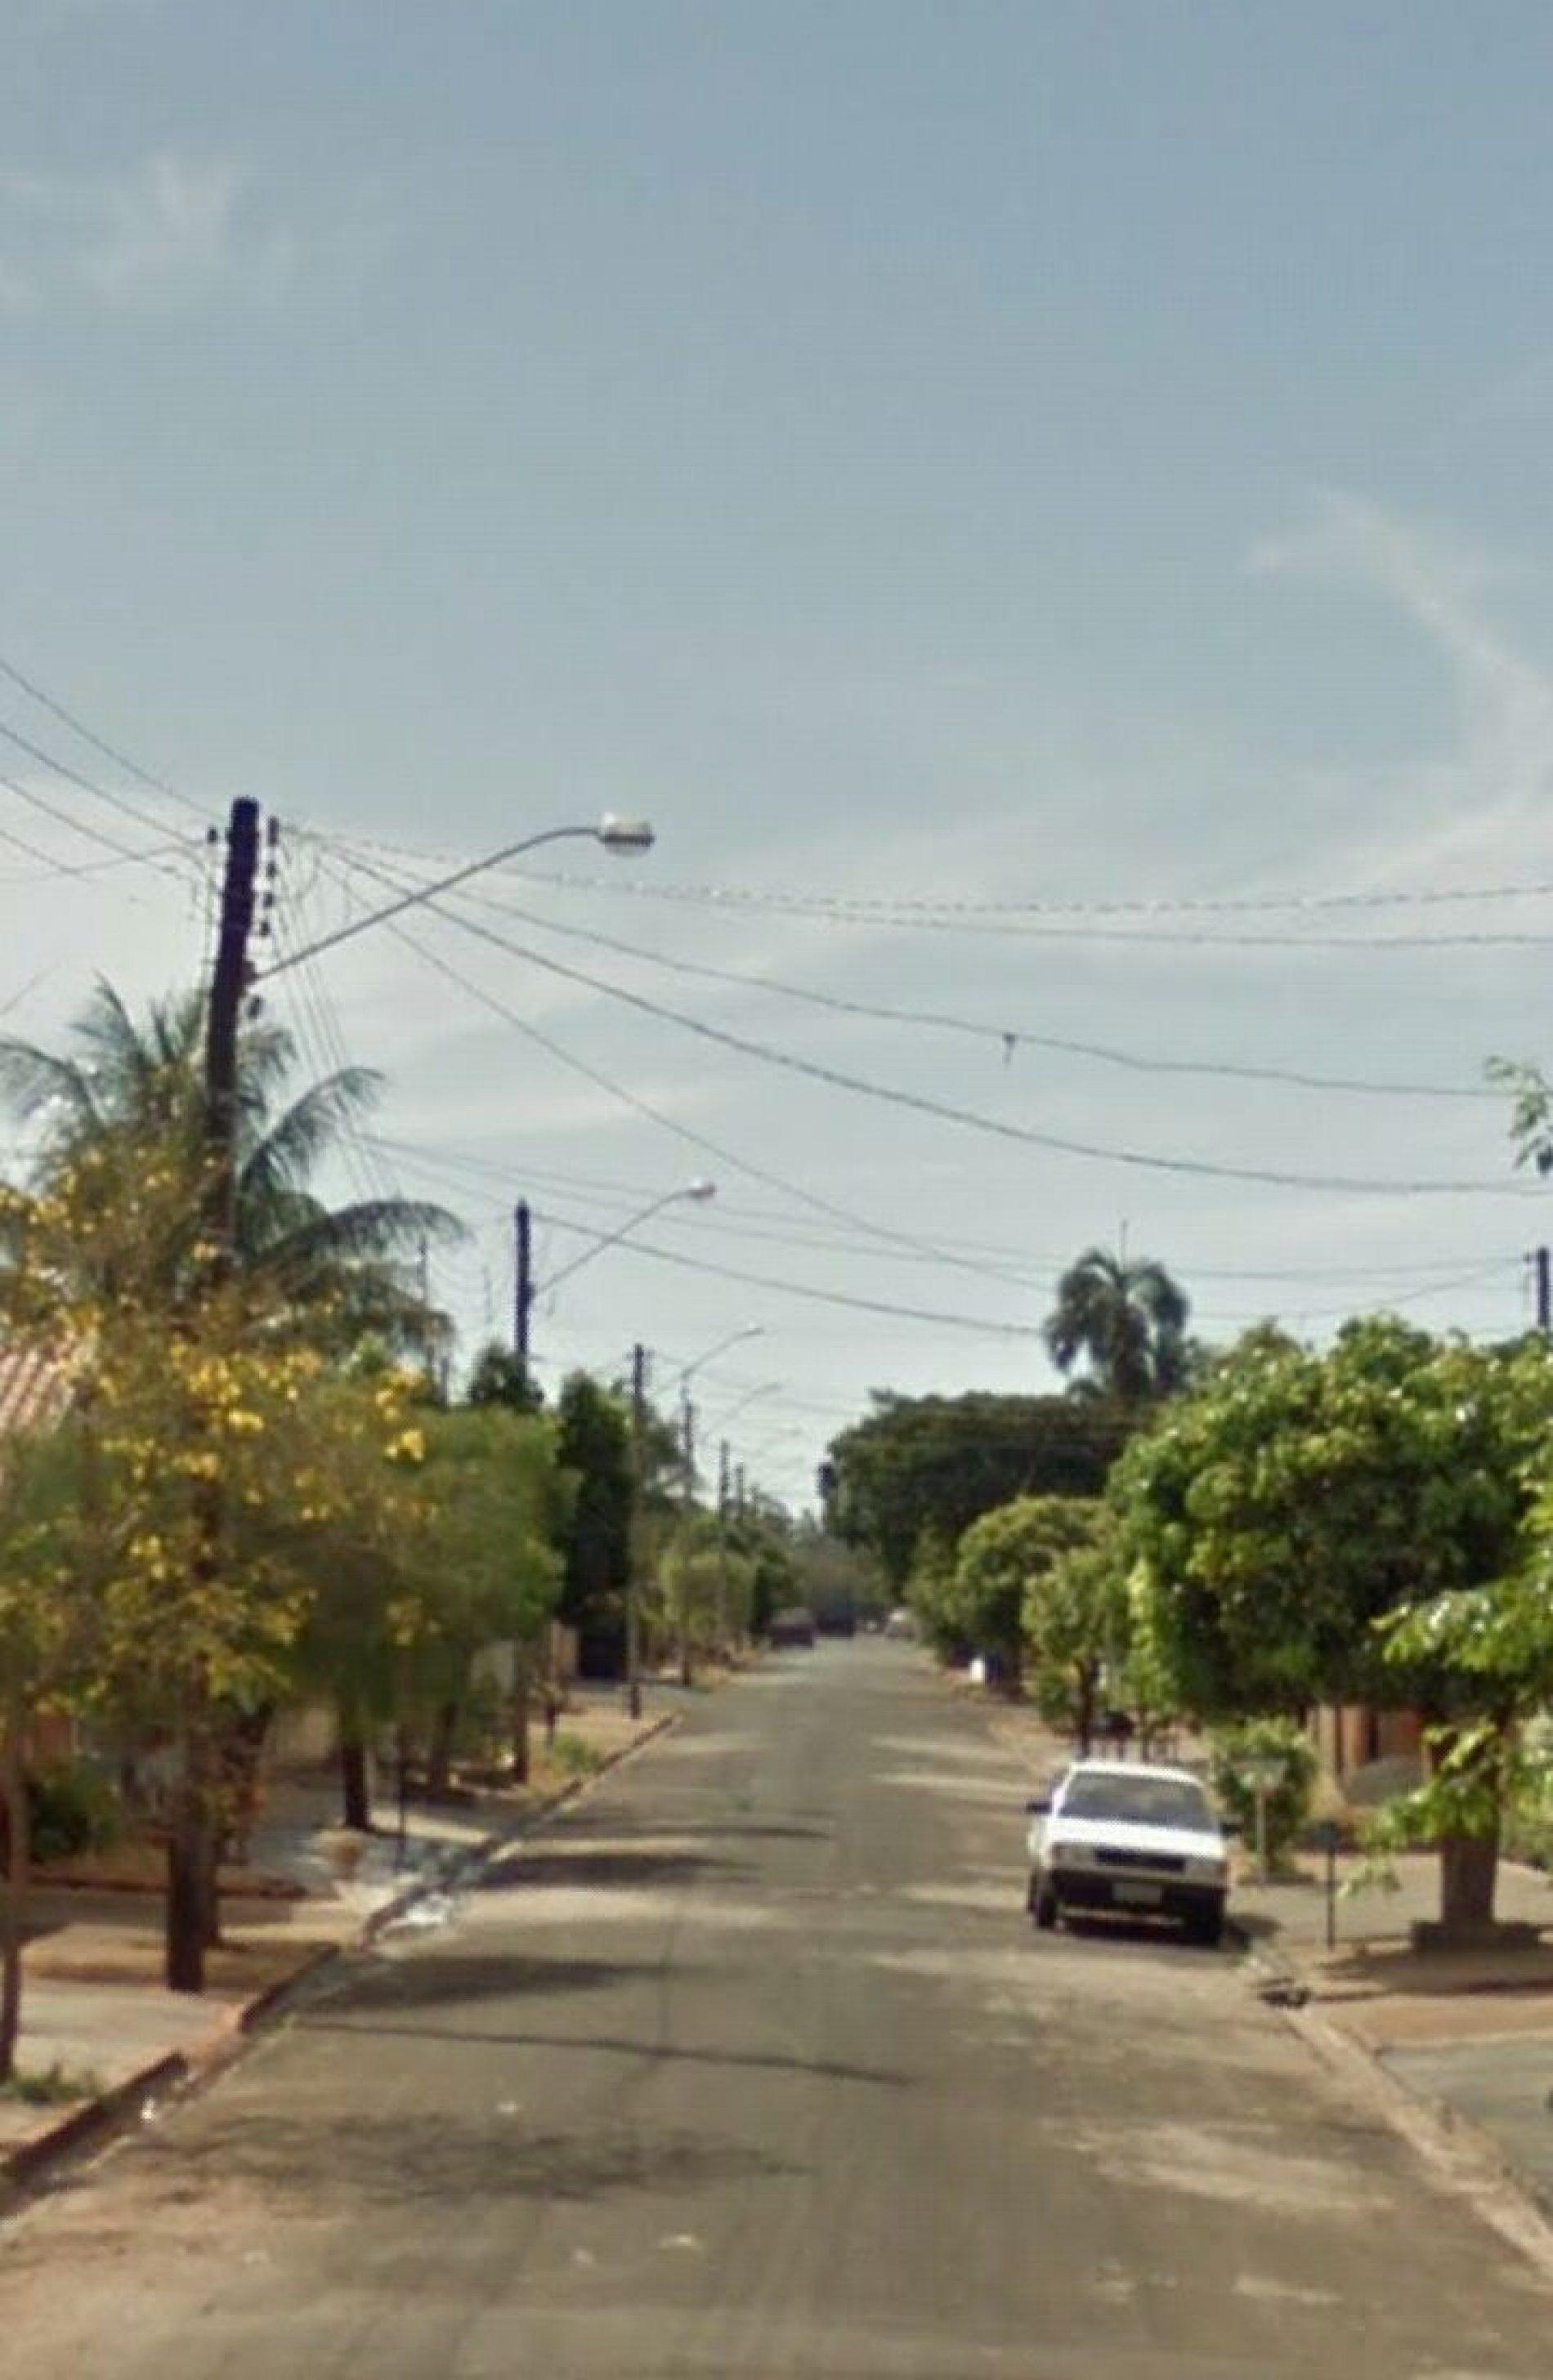 Desempregado é preso pela Policia Militar por tráfico de drogas no Jardim Califórnia